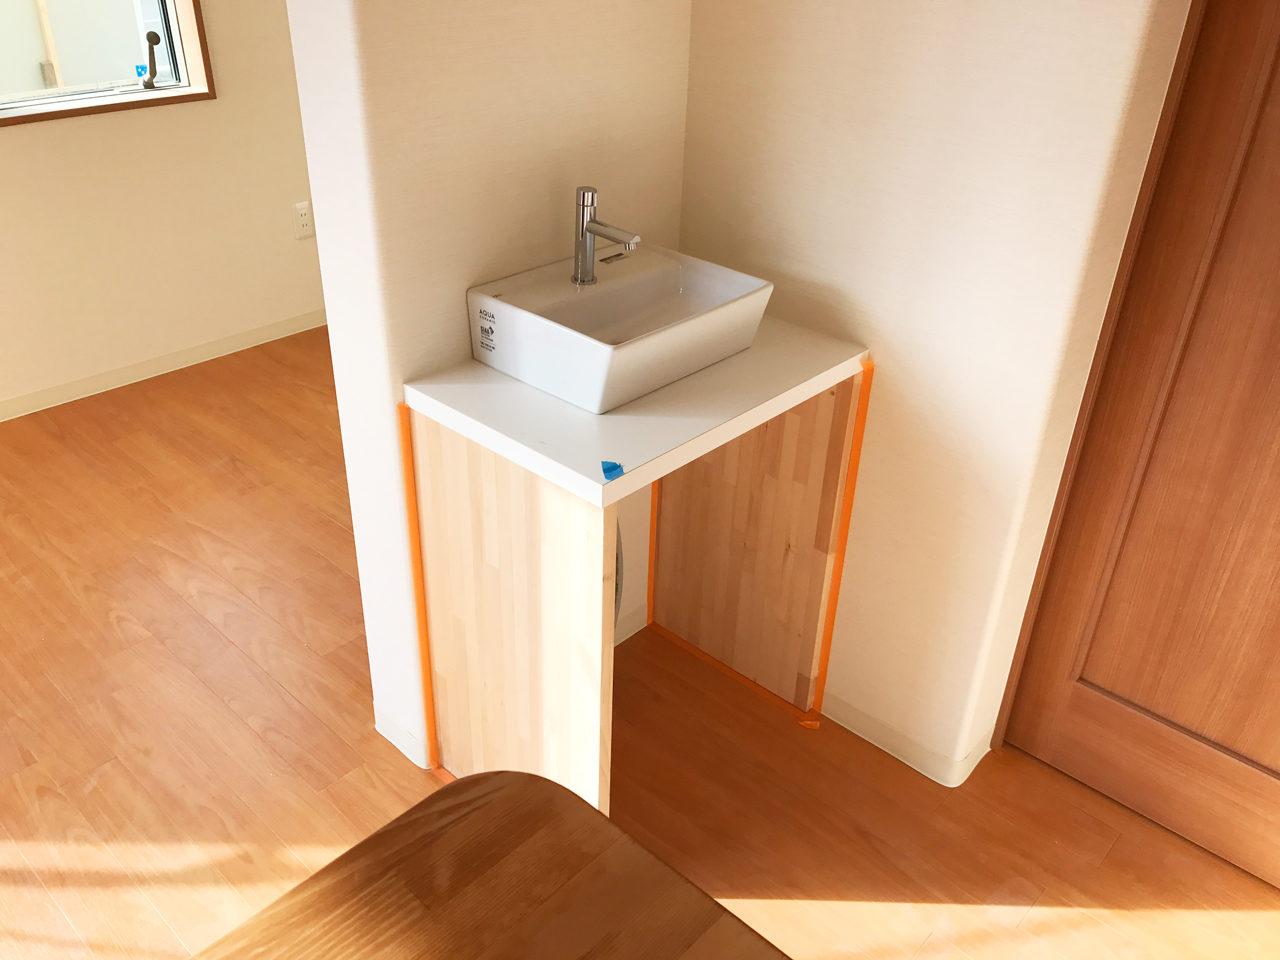 レディース治療院(はり・あん・マッサージ)付き二世帯住宅の待合室内手洗いカウンター